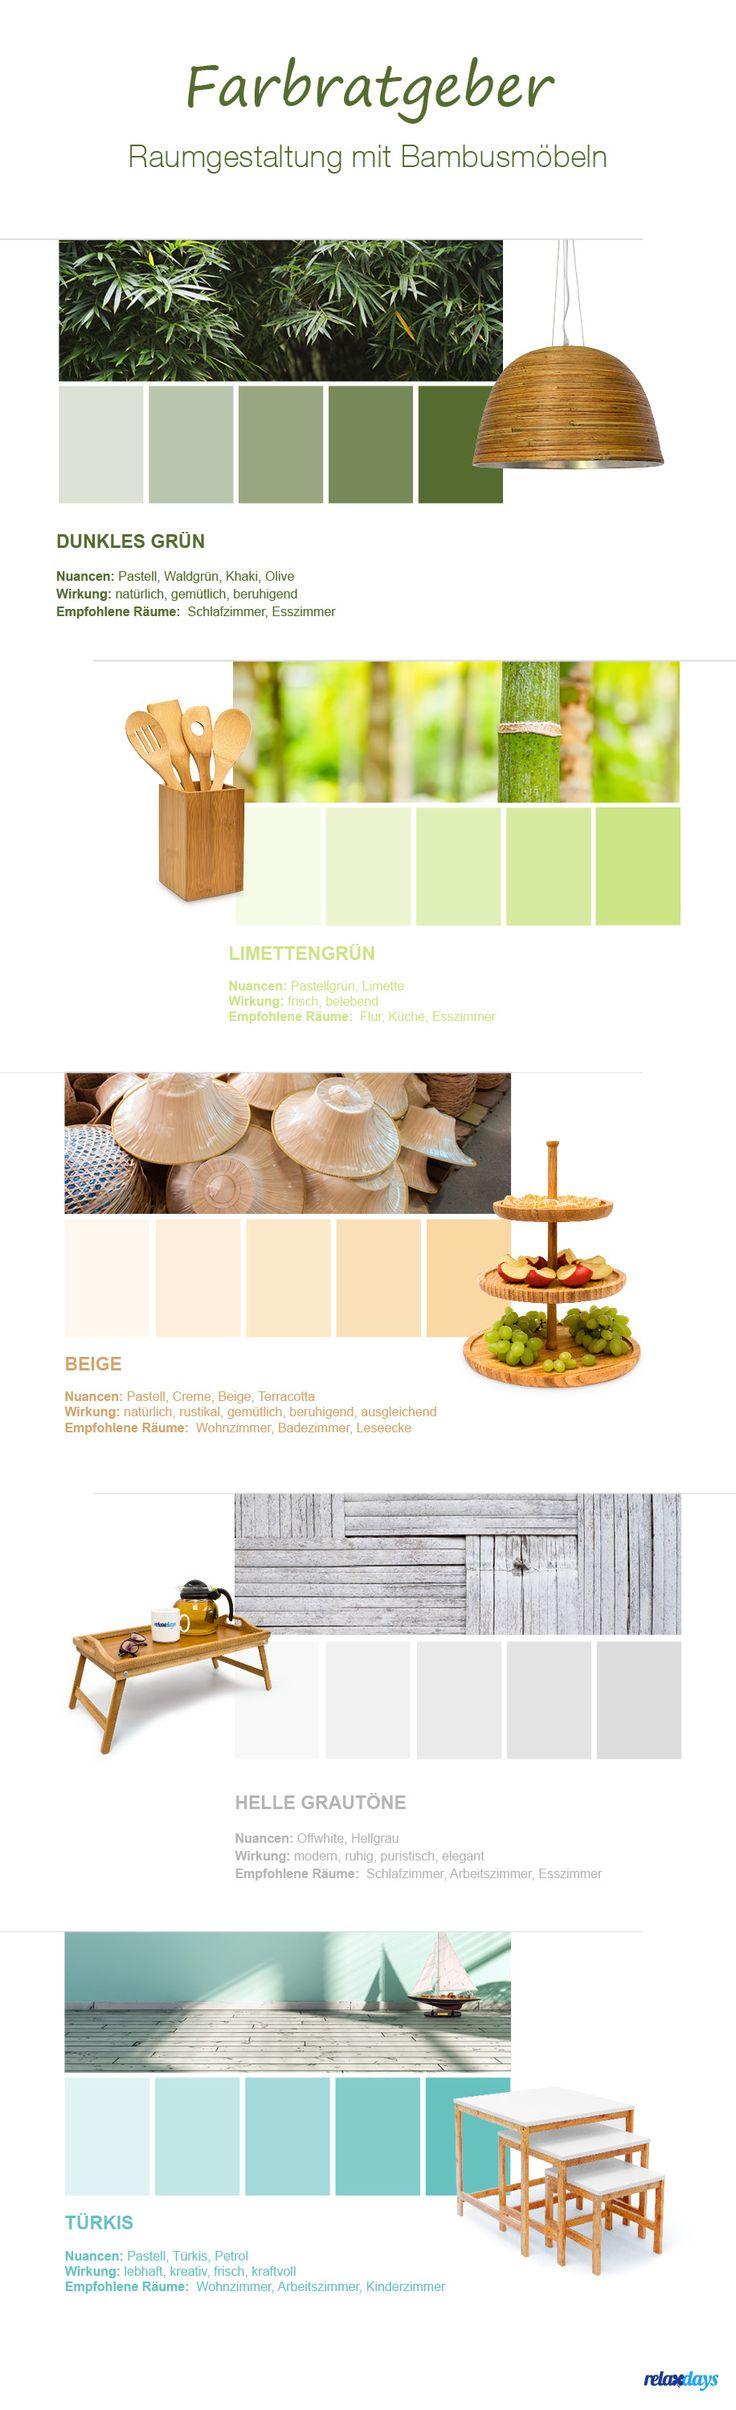 die besten 25 bambusm bel ideen auf pinterest rattanm bel rohrm bel und kleiderschrank. Black Bedroom Furniture Sets. Home Design Ideas